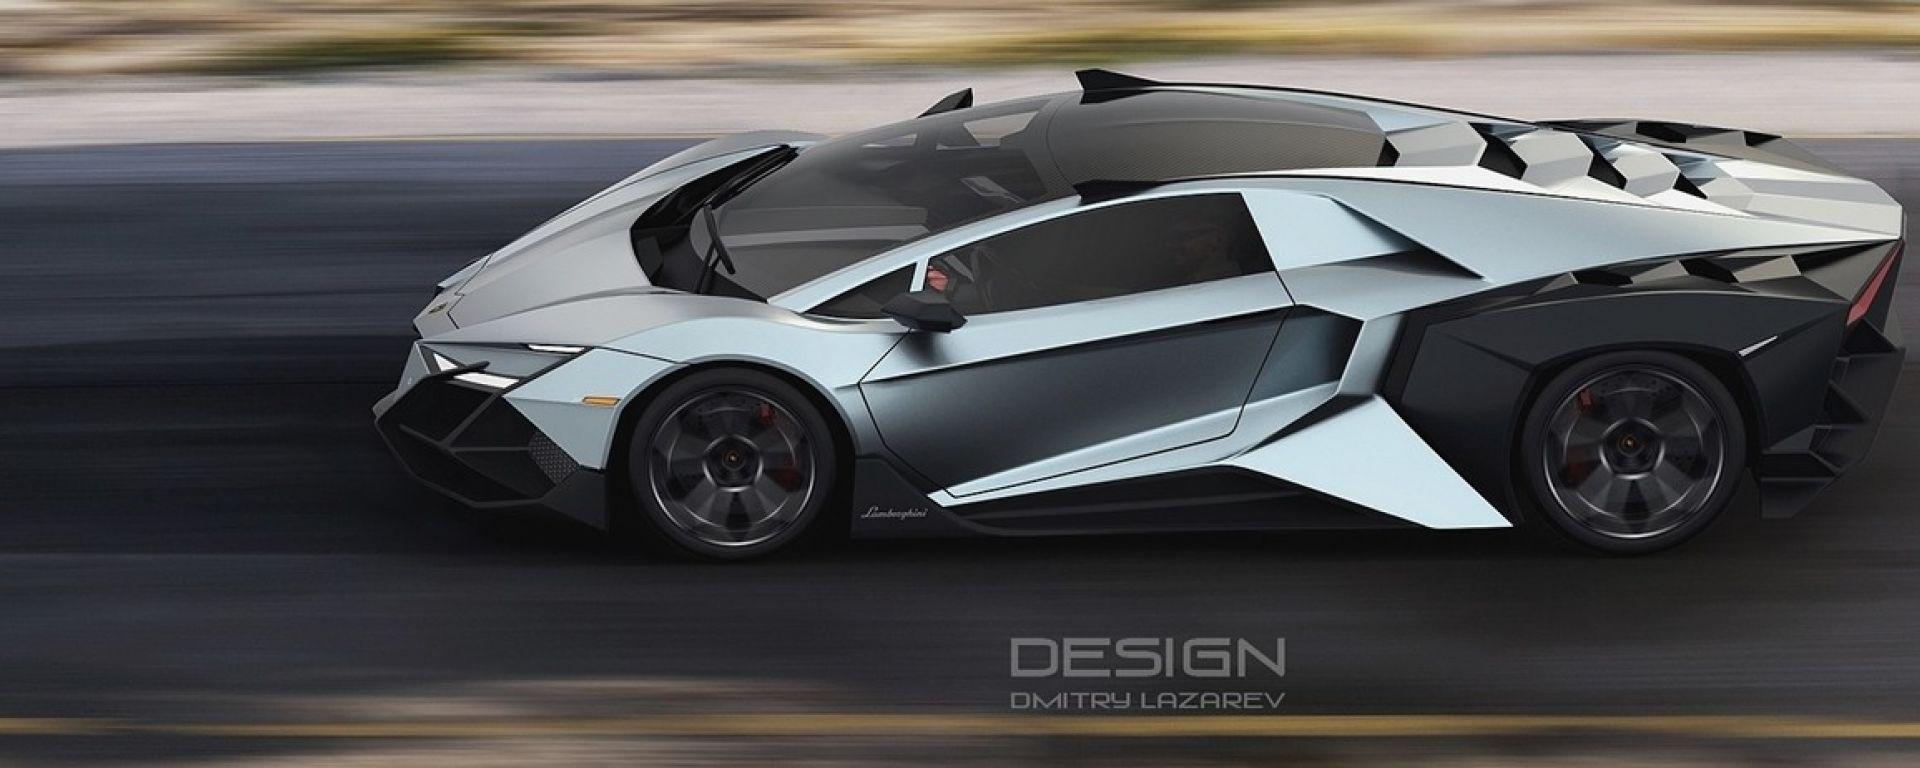 Lamborghini Forsennato Concept: dalla Russia con furore